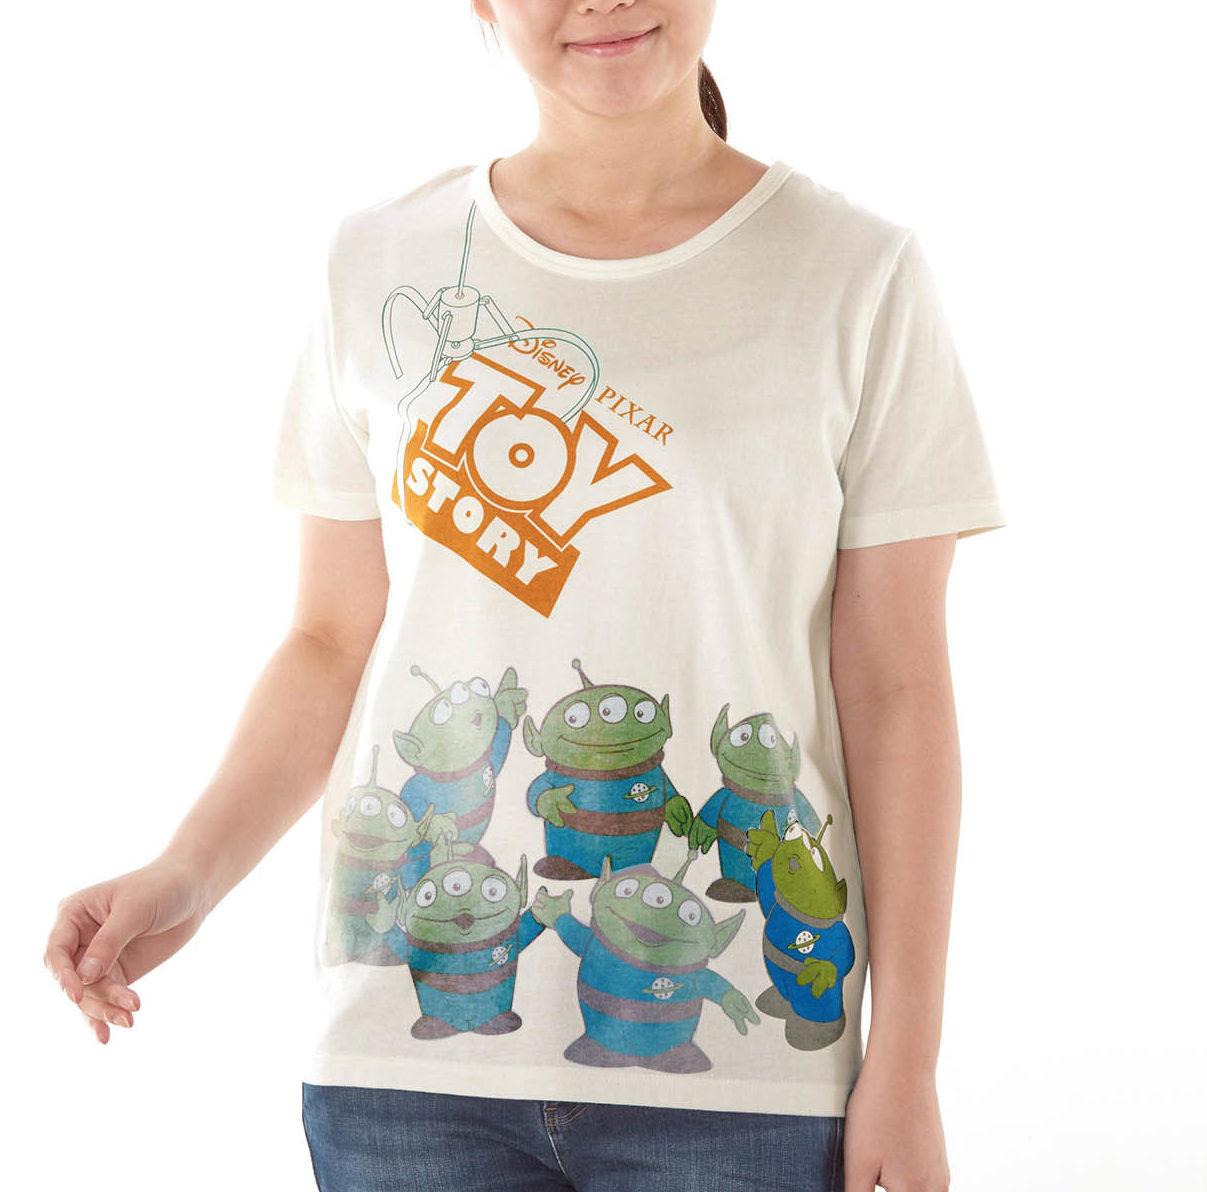 エイリアン|ベルメゾン ディズニーデザイン「太陽で色が変わるTシャツ」